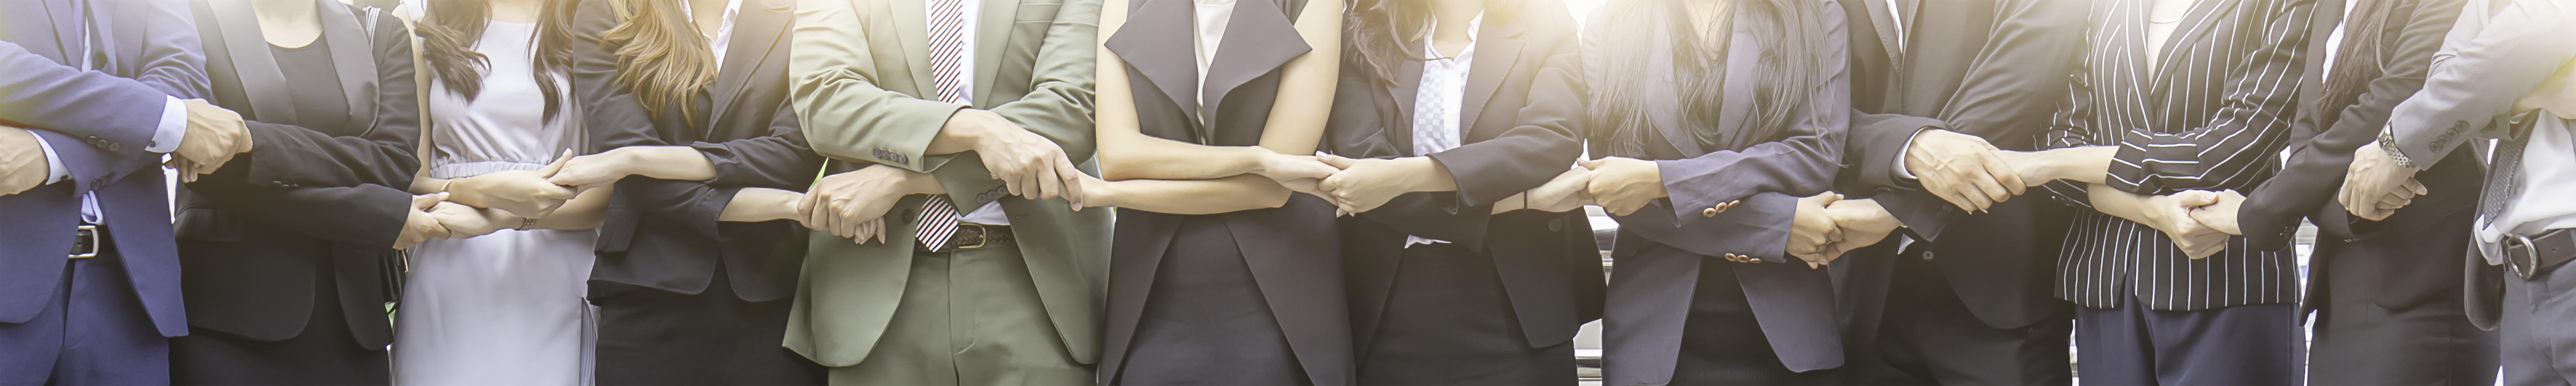 Team Geschäftsleute halten sich an den Händen fest